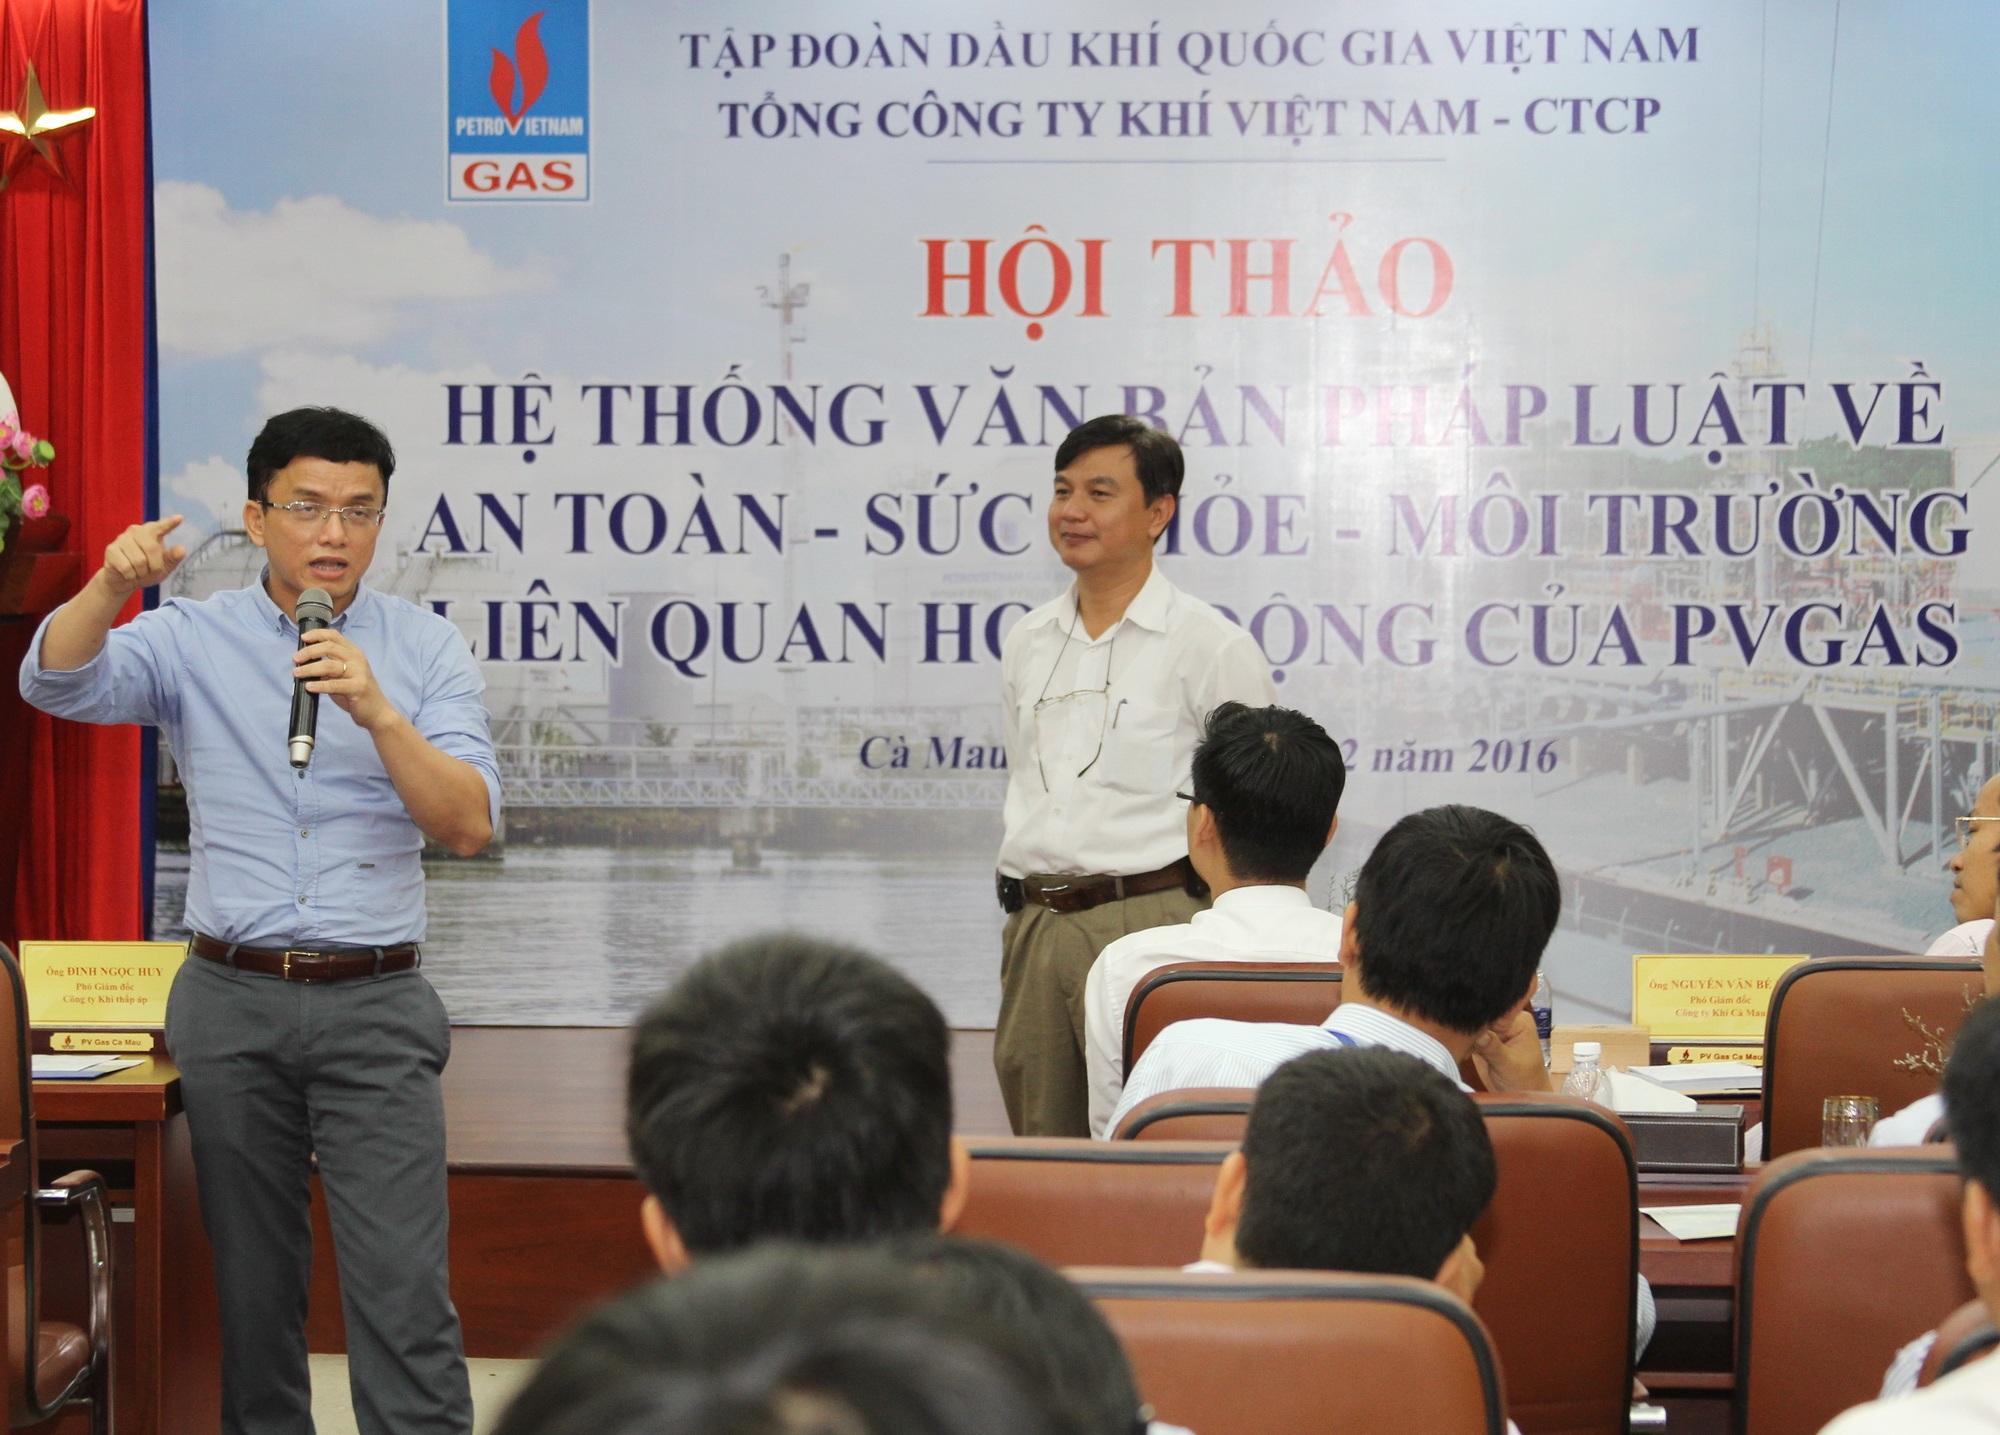 """Tổng Công ty Khí Việt Nam tổ chức """"Hội thảo về văn bản pháp luật liên quan đến lĩnh vực AT-SK-MT-PCCC"""" - 1"""